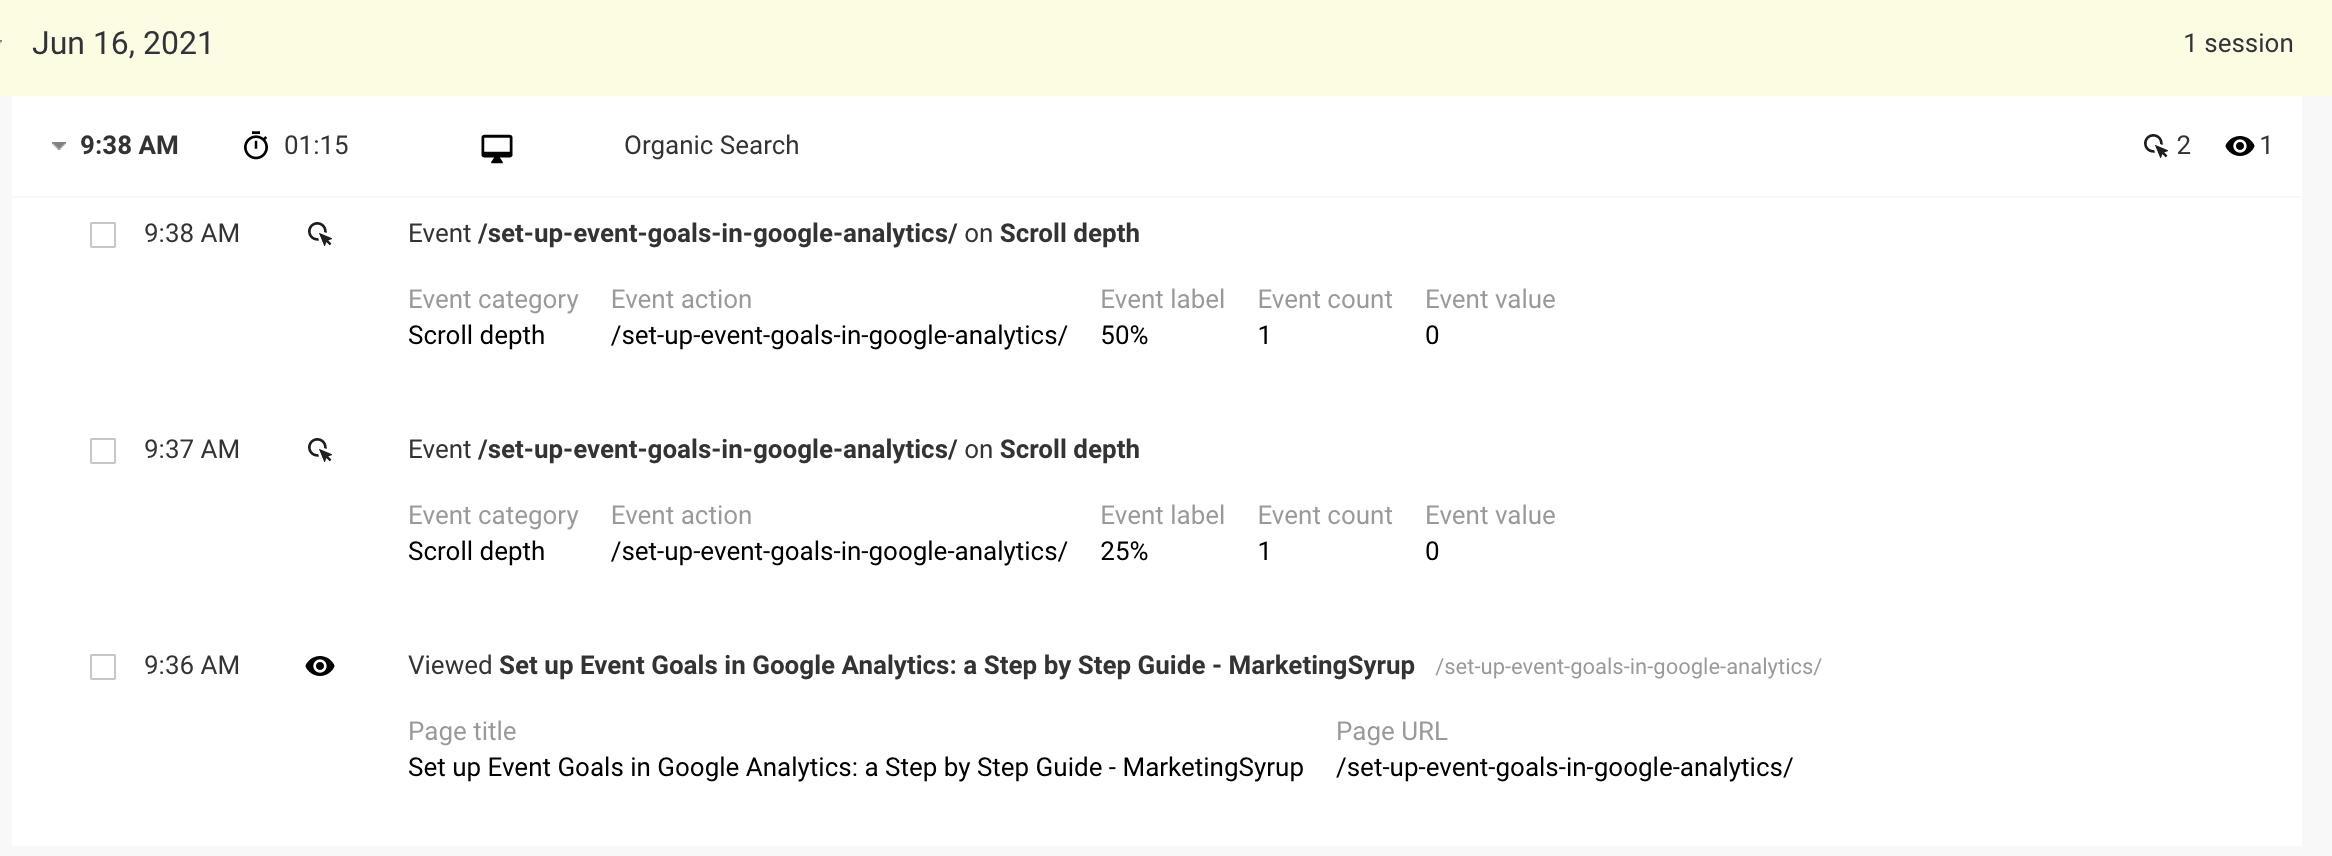 Sesiones de usuario y páginas visitadas en el Explorador de usuarios.